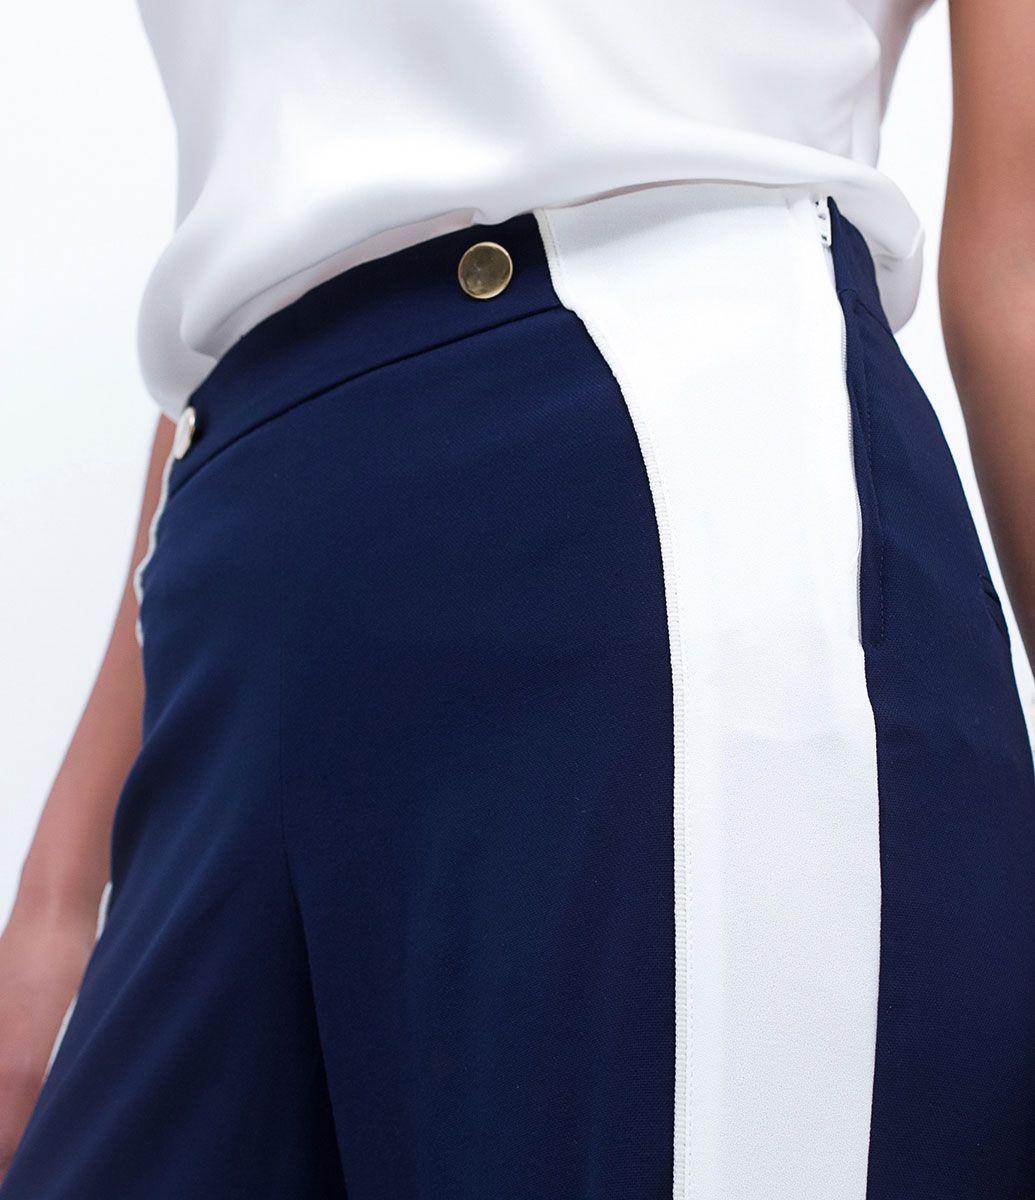 Calça feminina      Modelo Pantalona      Com recorte lateral      Com textura      Marca: A-Collection      Tecido: Alfaiataria      Composição: 52% Viscose, 45% Poliéster, 03% Elastano      Modelo veste tamanho: 36           Medidas da modelo:         Altura: 1.74     Busto: 84     Cintura: 62     Quadril: 89         COLEÇÃO VERÃO 2017         Veja mais opções de    calças femininas.